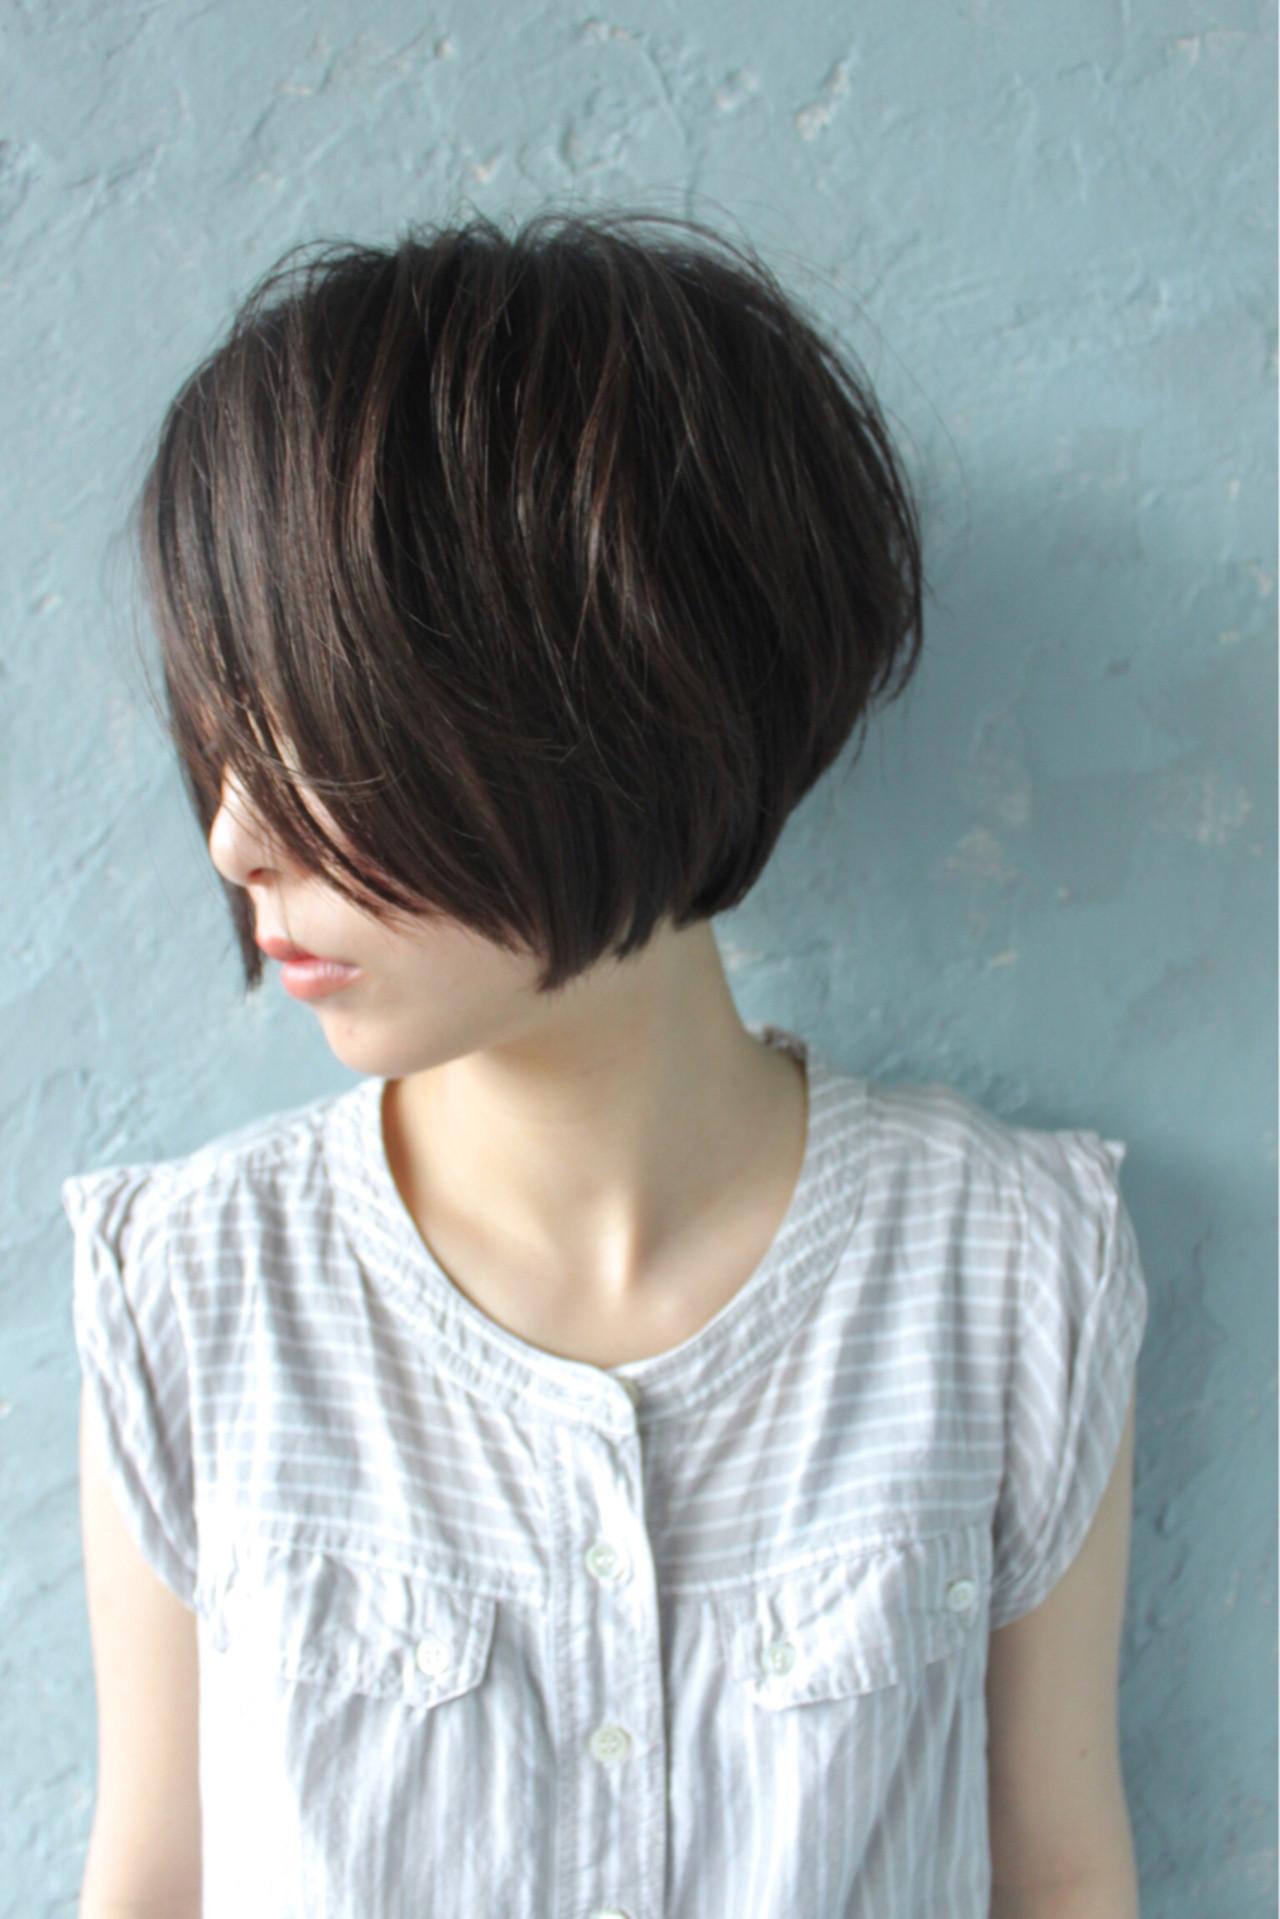 小顔 ショートボブ 似合わせ ボブヘアスタイルや髪型の写真・画像